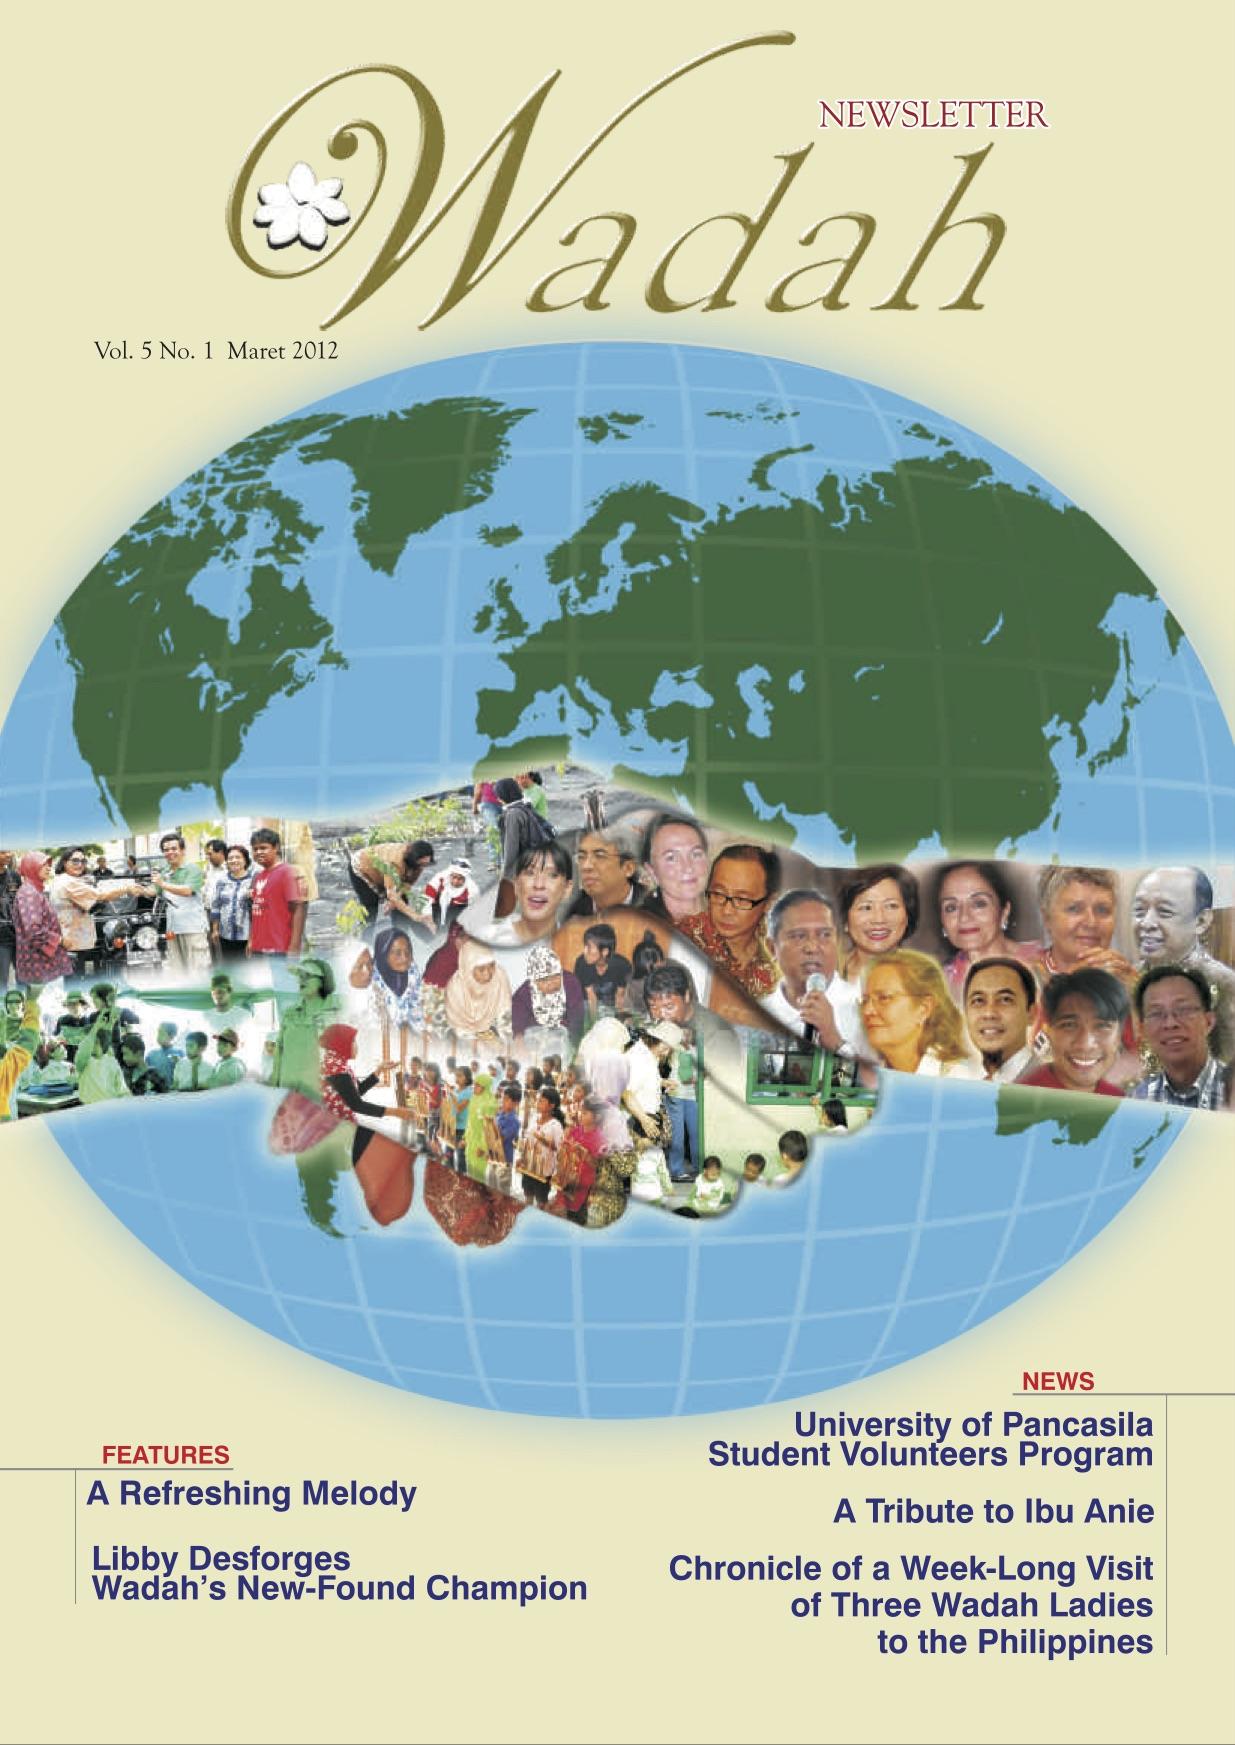 Vol. 5 No. 1 - March 2012